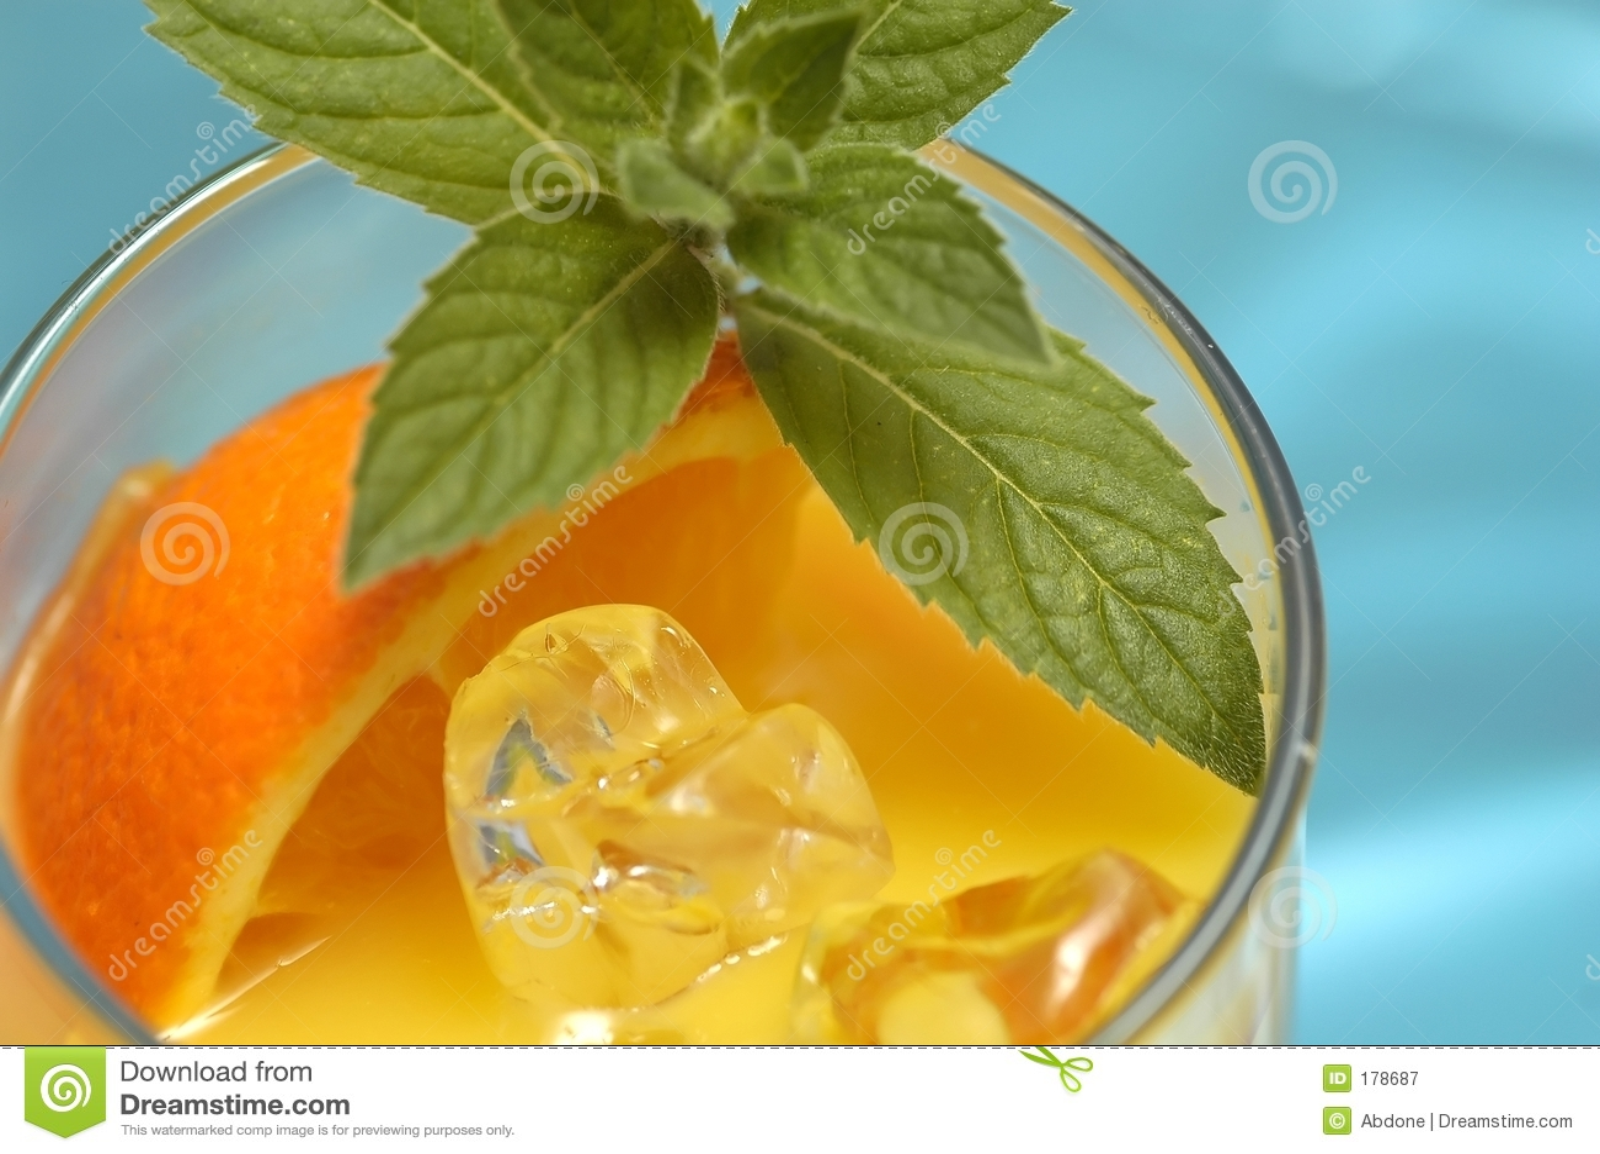 Orangensaftgetränk